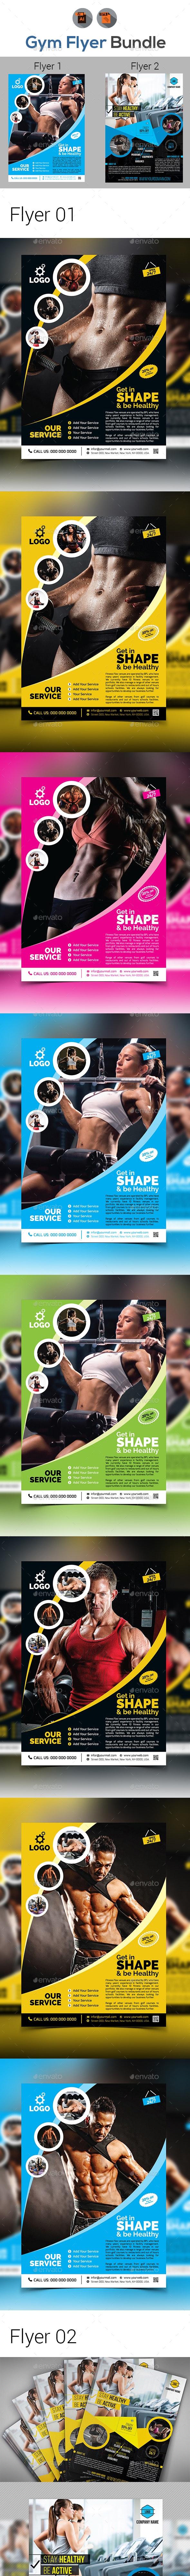 Fitness Flyer Bundle V10 - Corporate Flyers